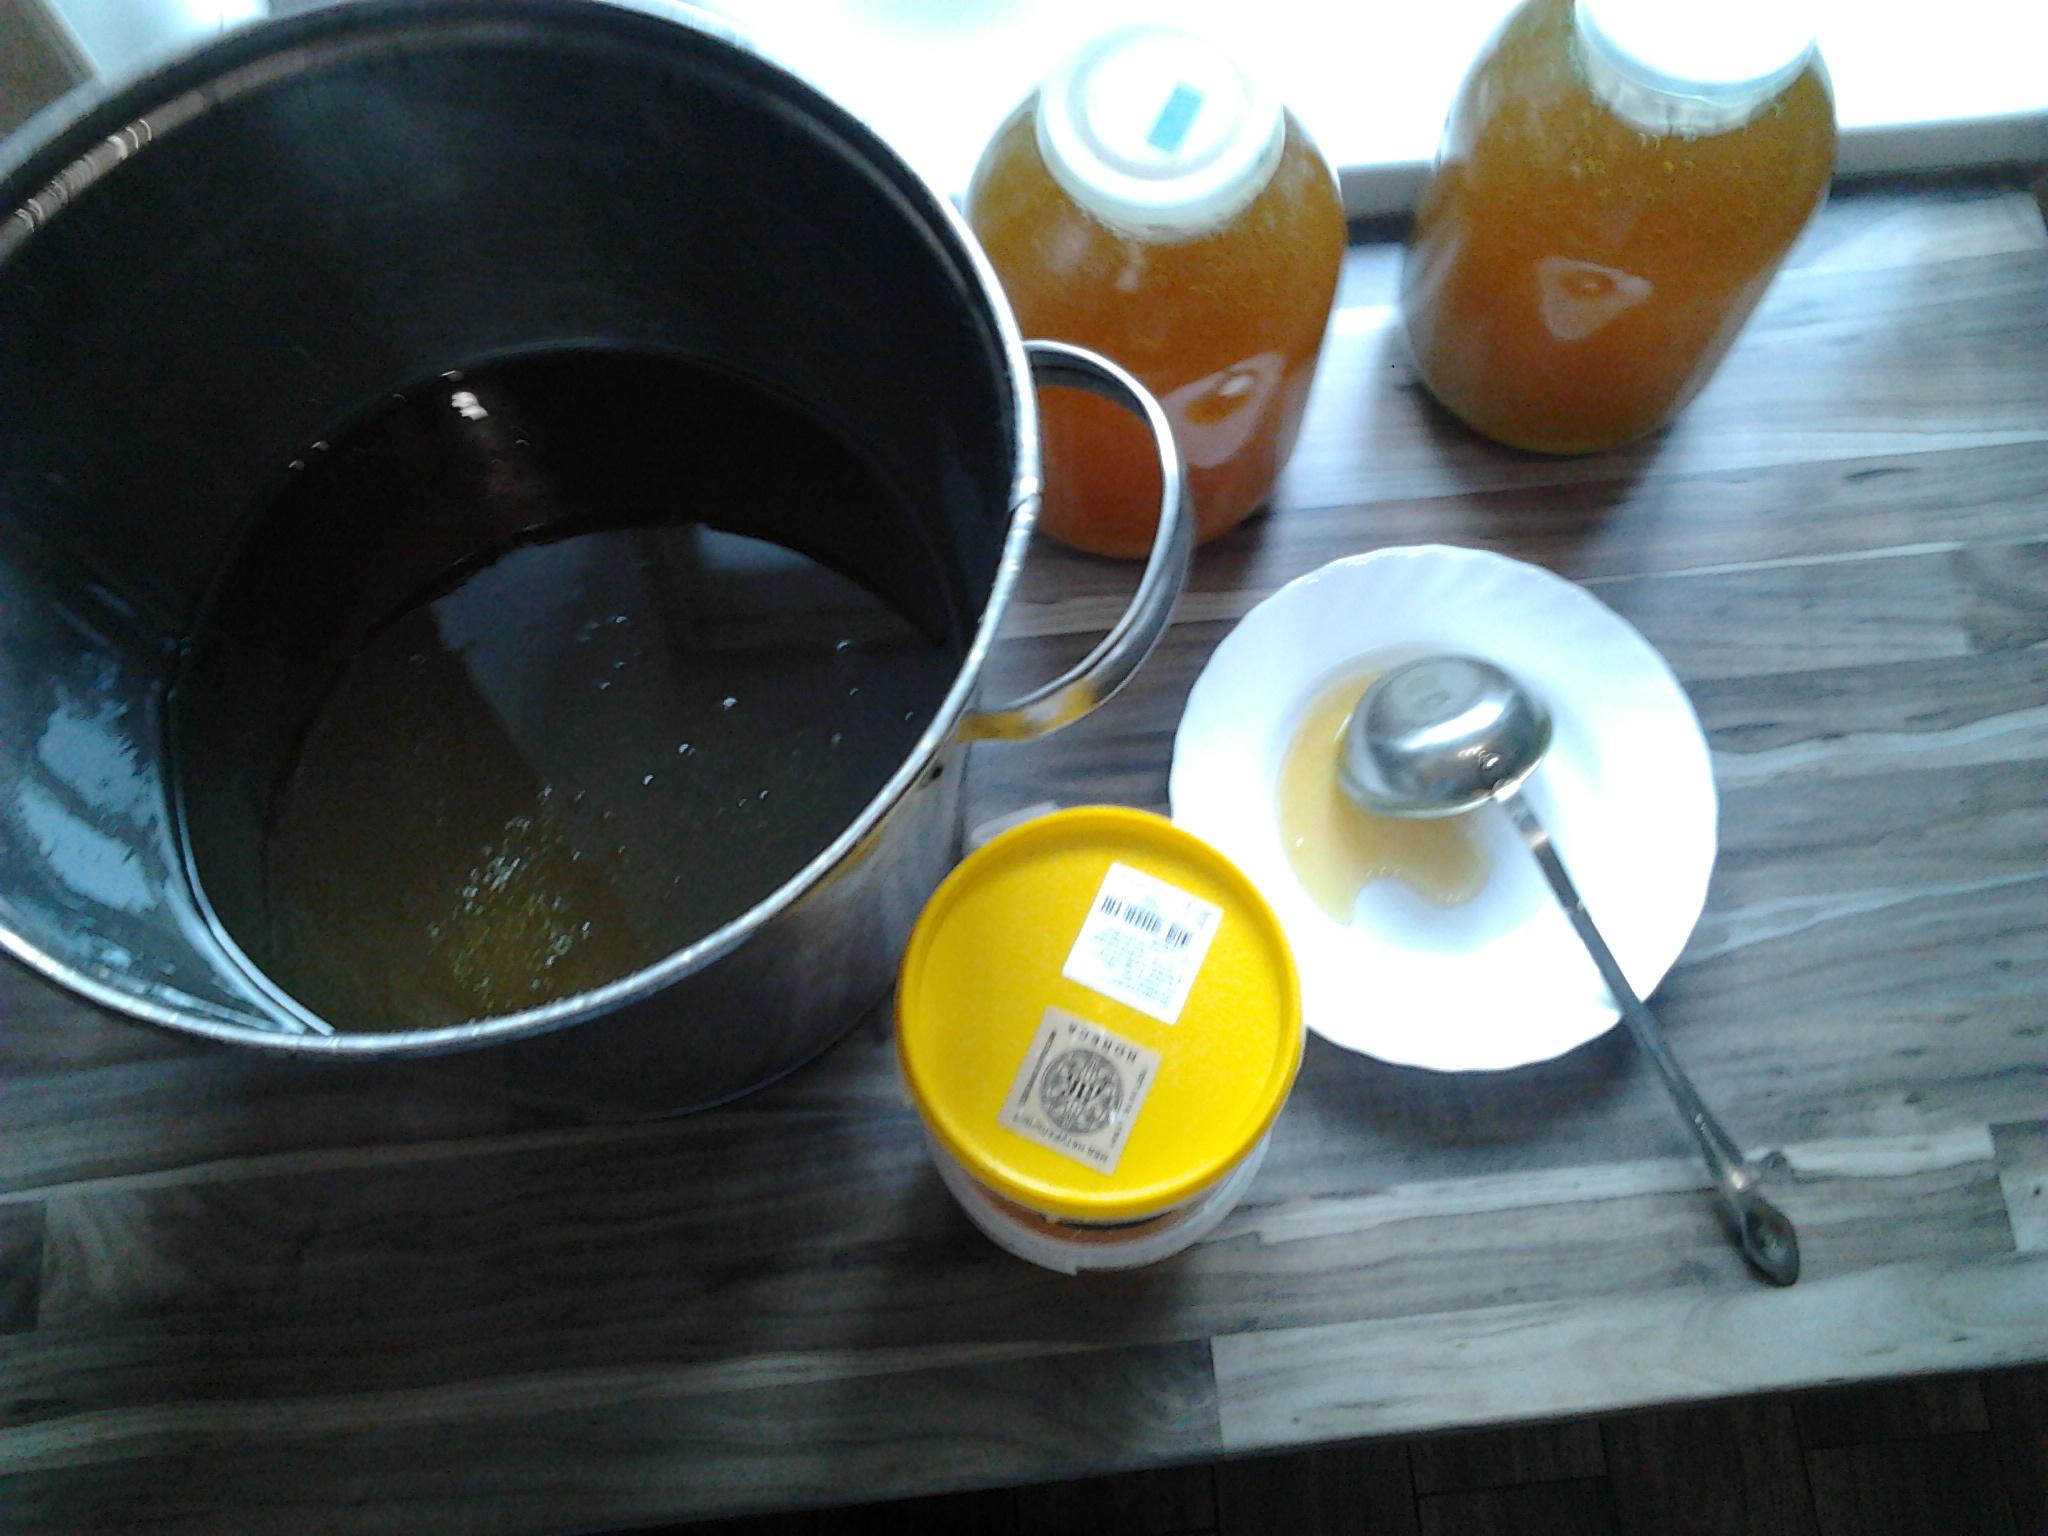 Продаю мед цветочный (разнотравье) с дедушкиной пасеки. Осталось 7 3-л банок, отдам за 1300 р (при покупке банки - доставка). Можно заказать мед в сотах, в наличие 3 кг. по 600 р/кг. Мед из Дальне-Константиновского района д. Вармалей, мед без добавок, выд...